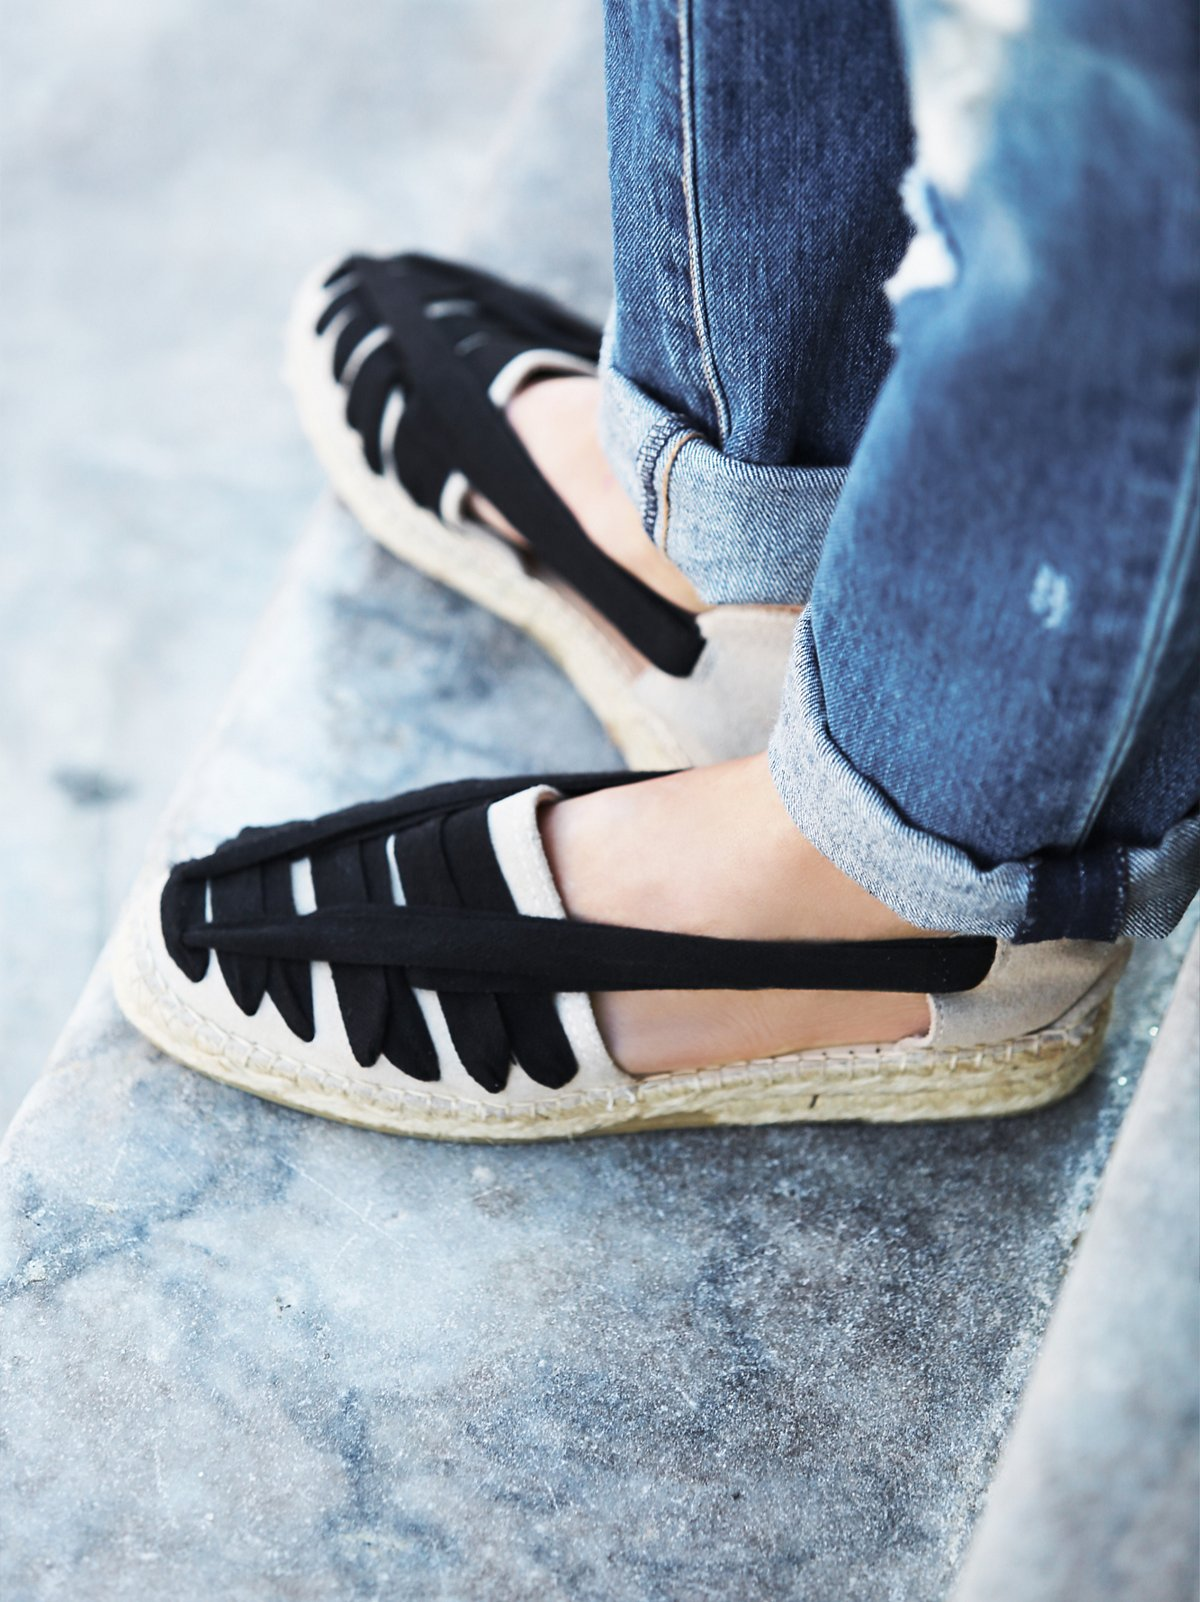 Seville麻底鞋